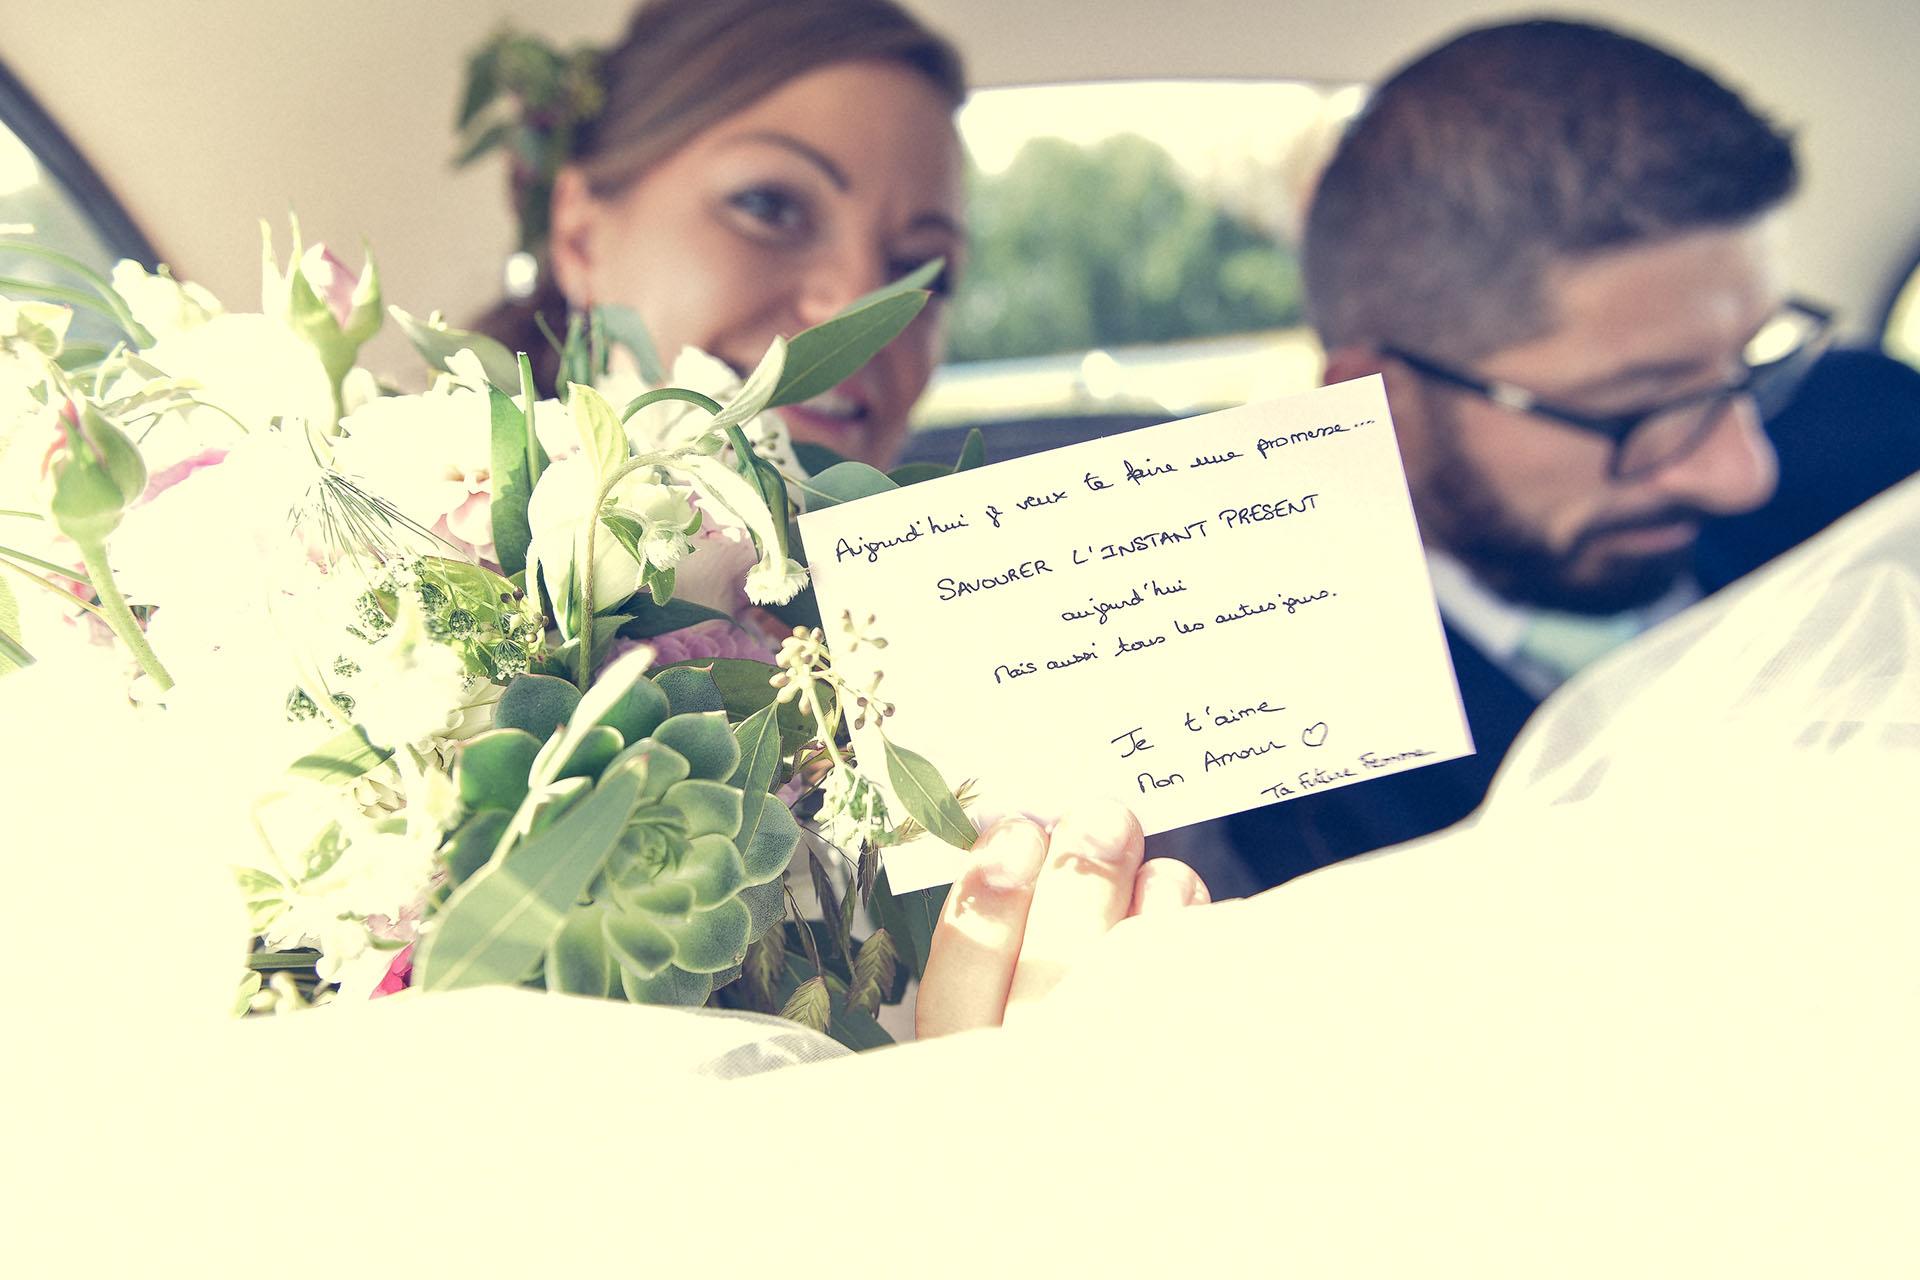 photographe-ile-de-france-mariage-maya-angelsen-fanny-pierre-gabriel-paris